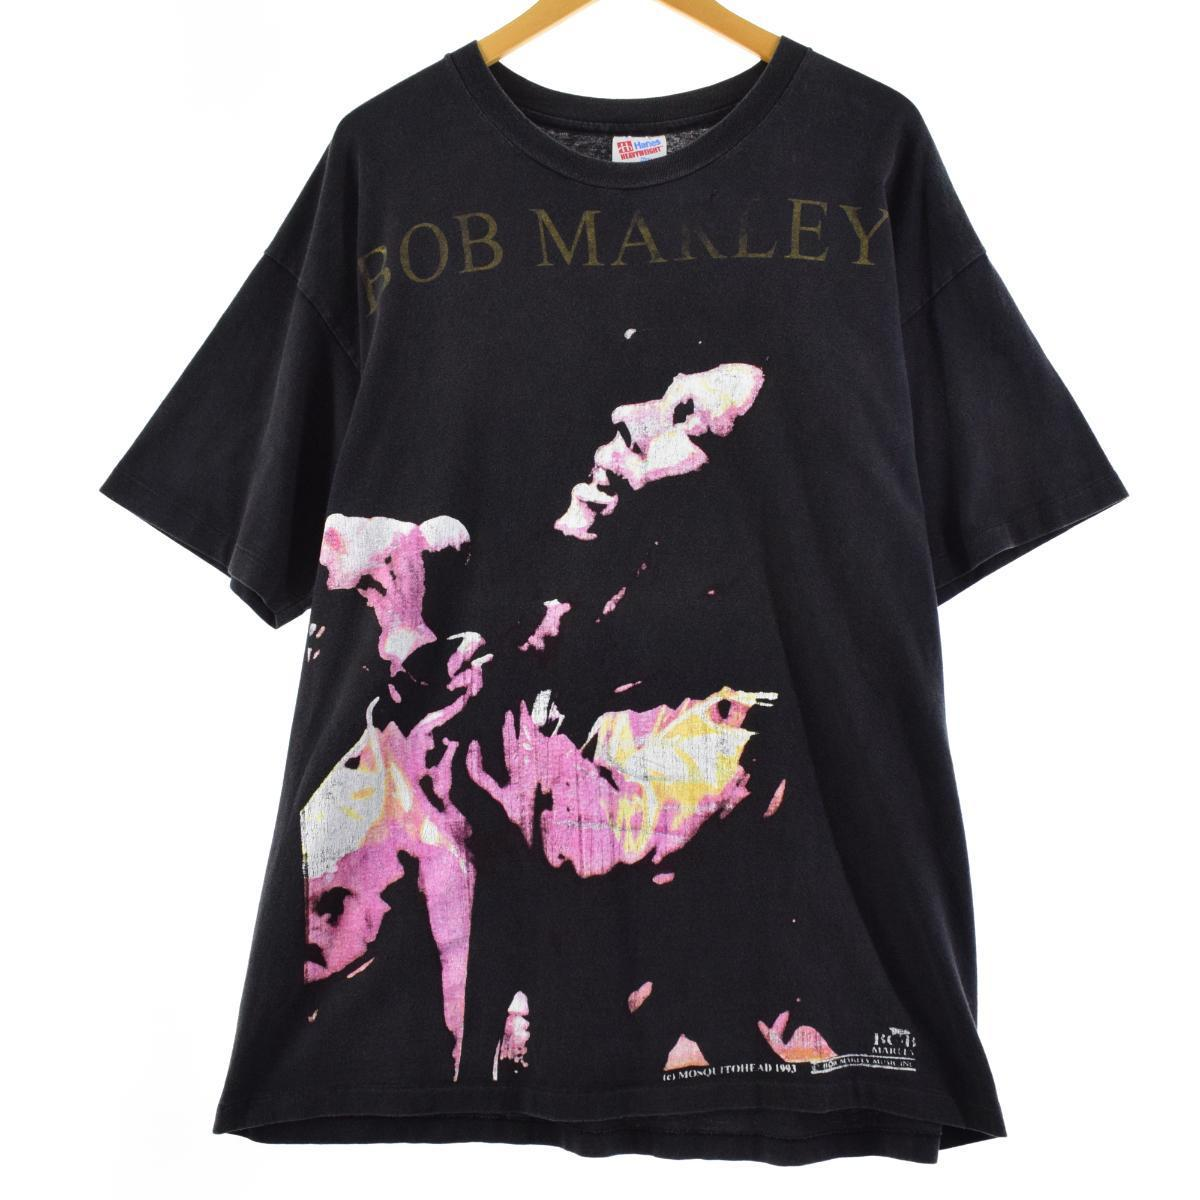 トップス, Tシャツ・カットソー  90 Hanes BOB MARLEY MOSQUITOHEAD T XL eaa166606 210611